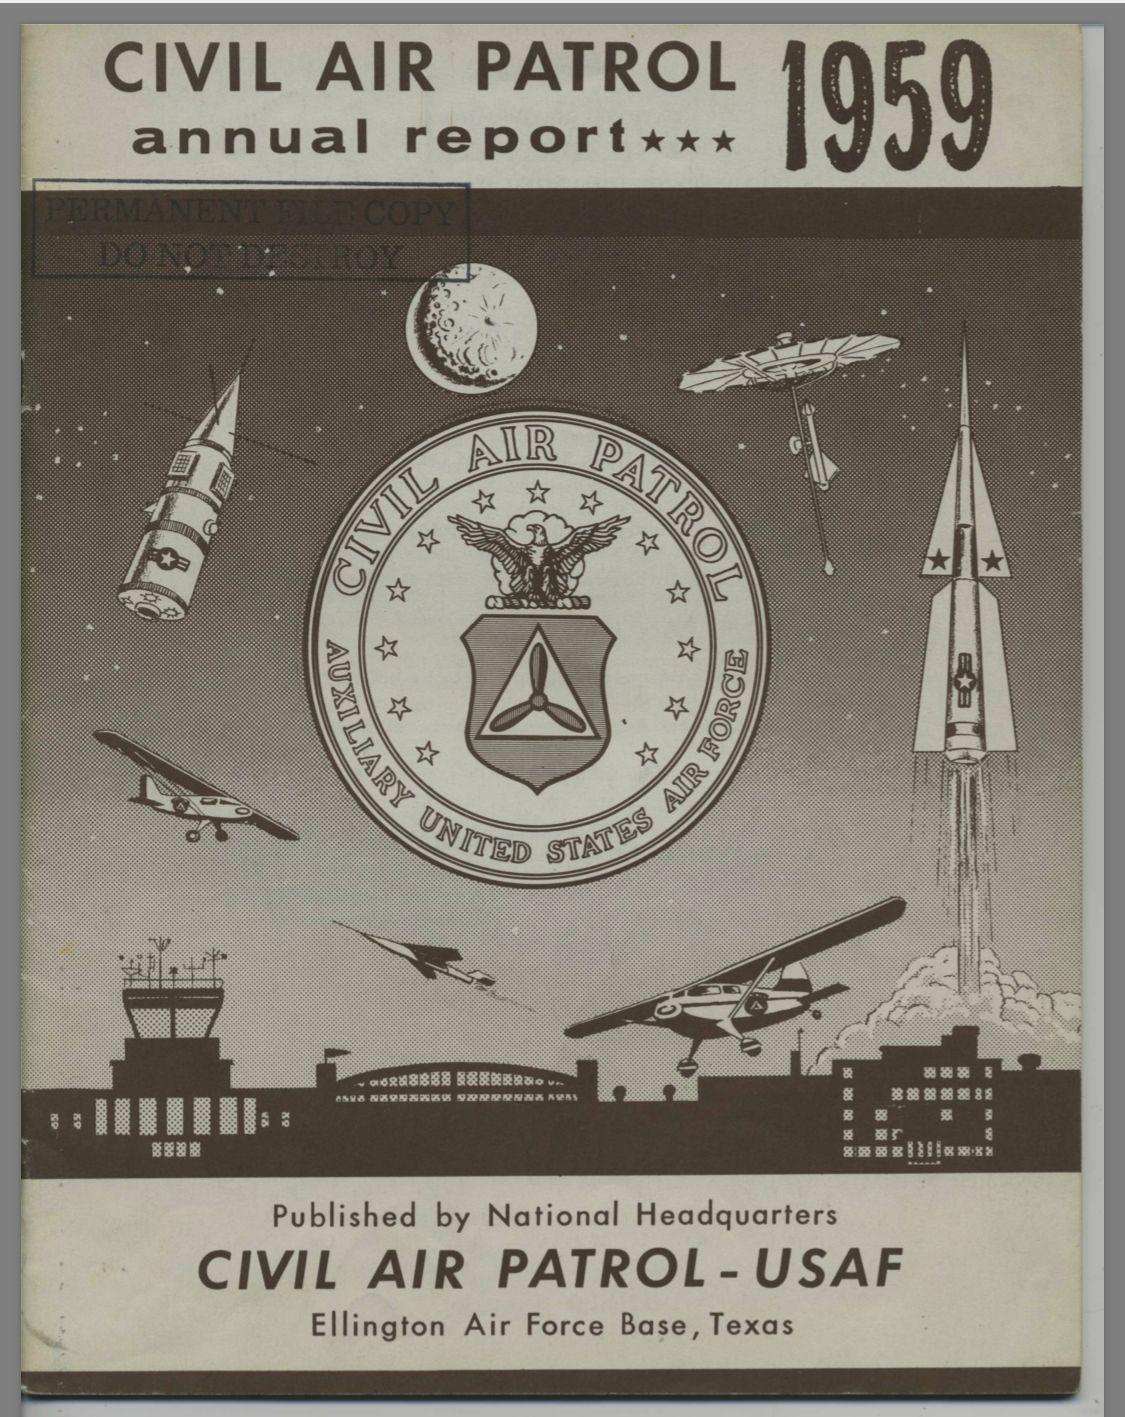 Pin by Ellington Composite Squadron on Ellington Info